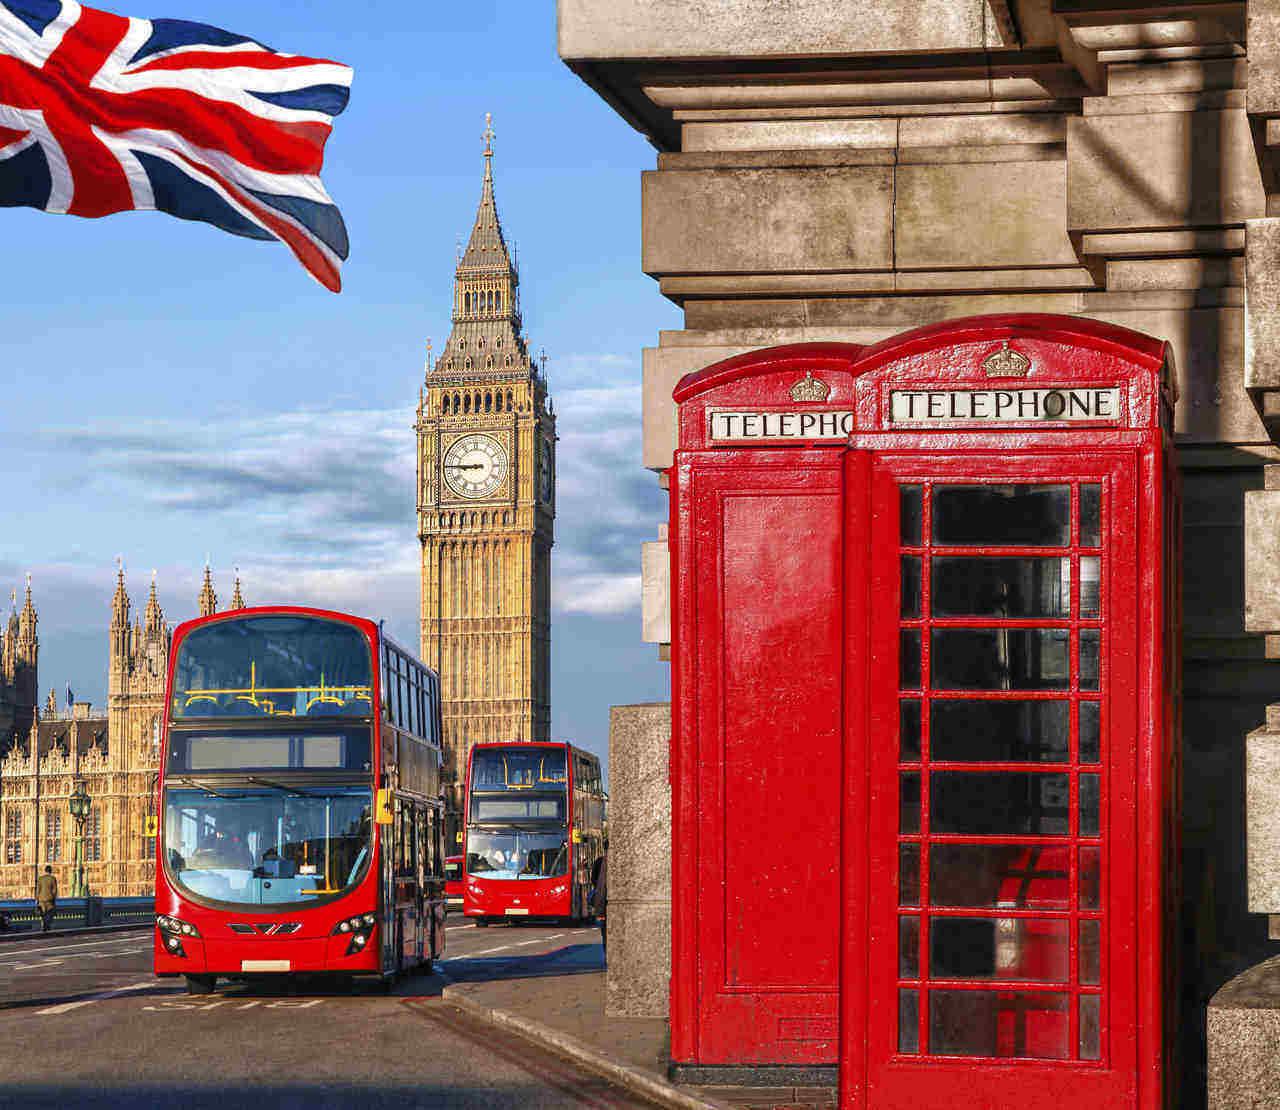 London (1280x)